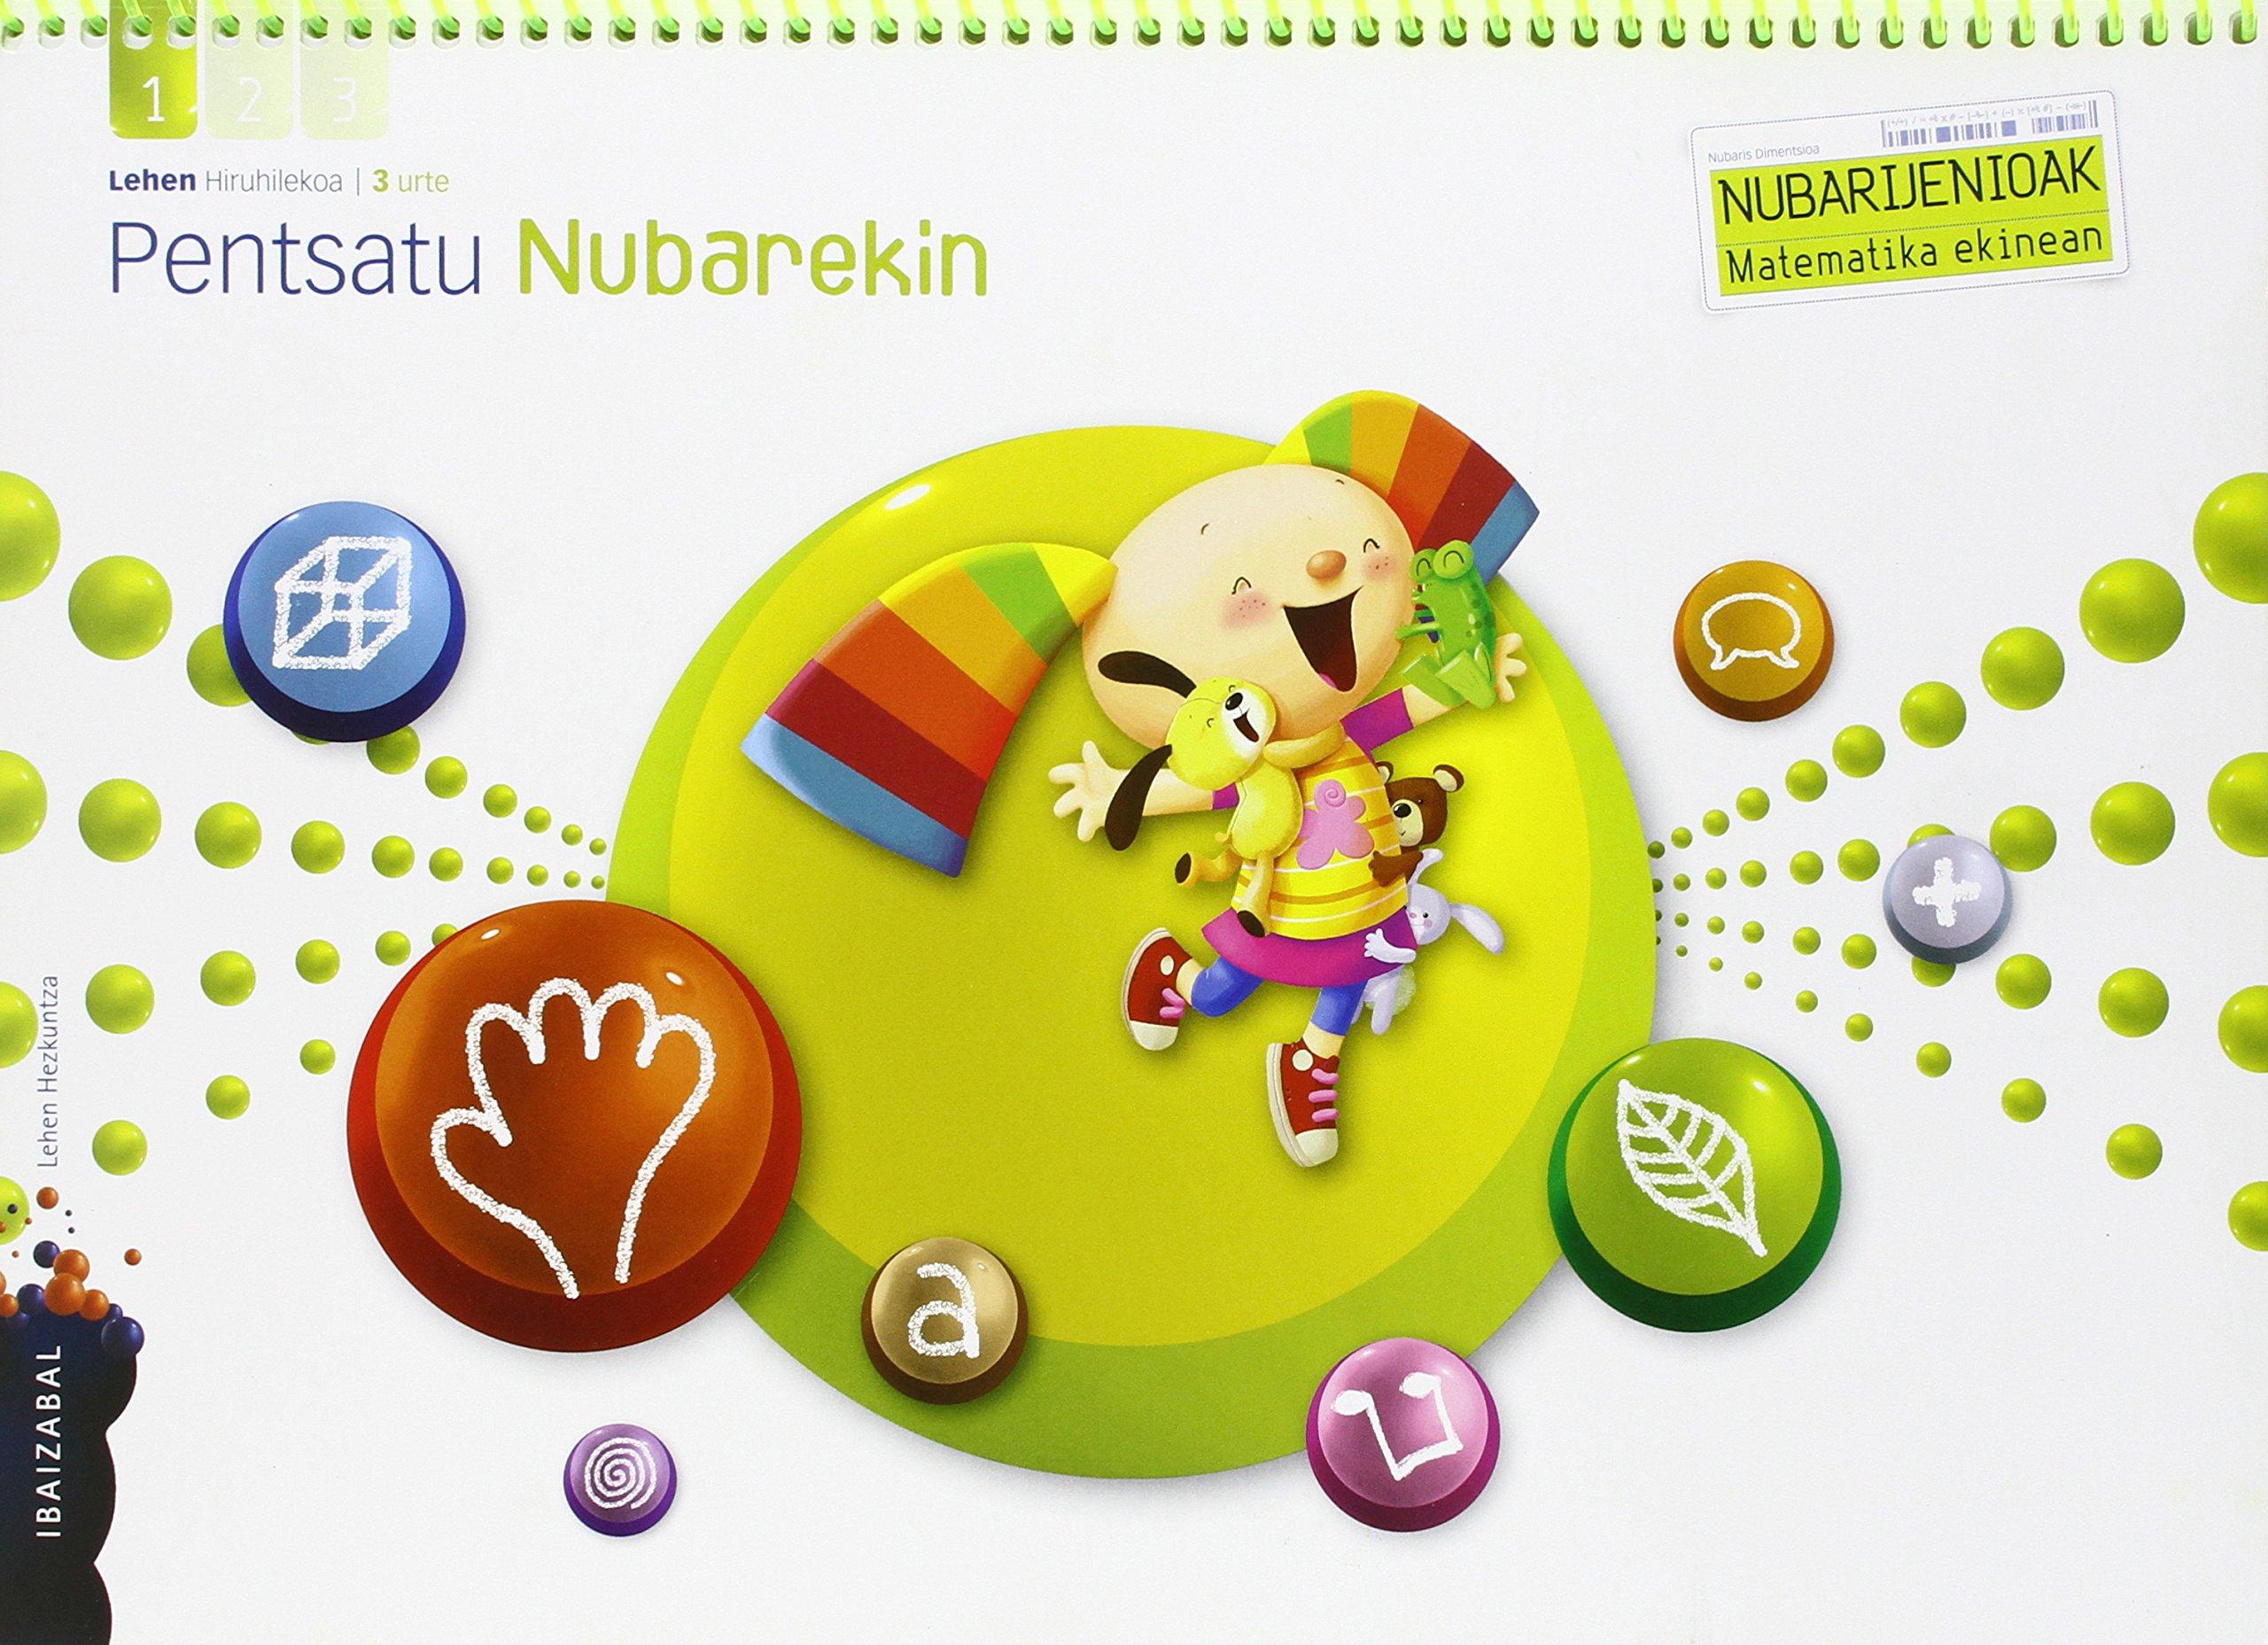 Download NUBARIJENIOAK 3 1 PENTSATU ebook